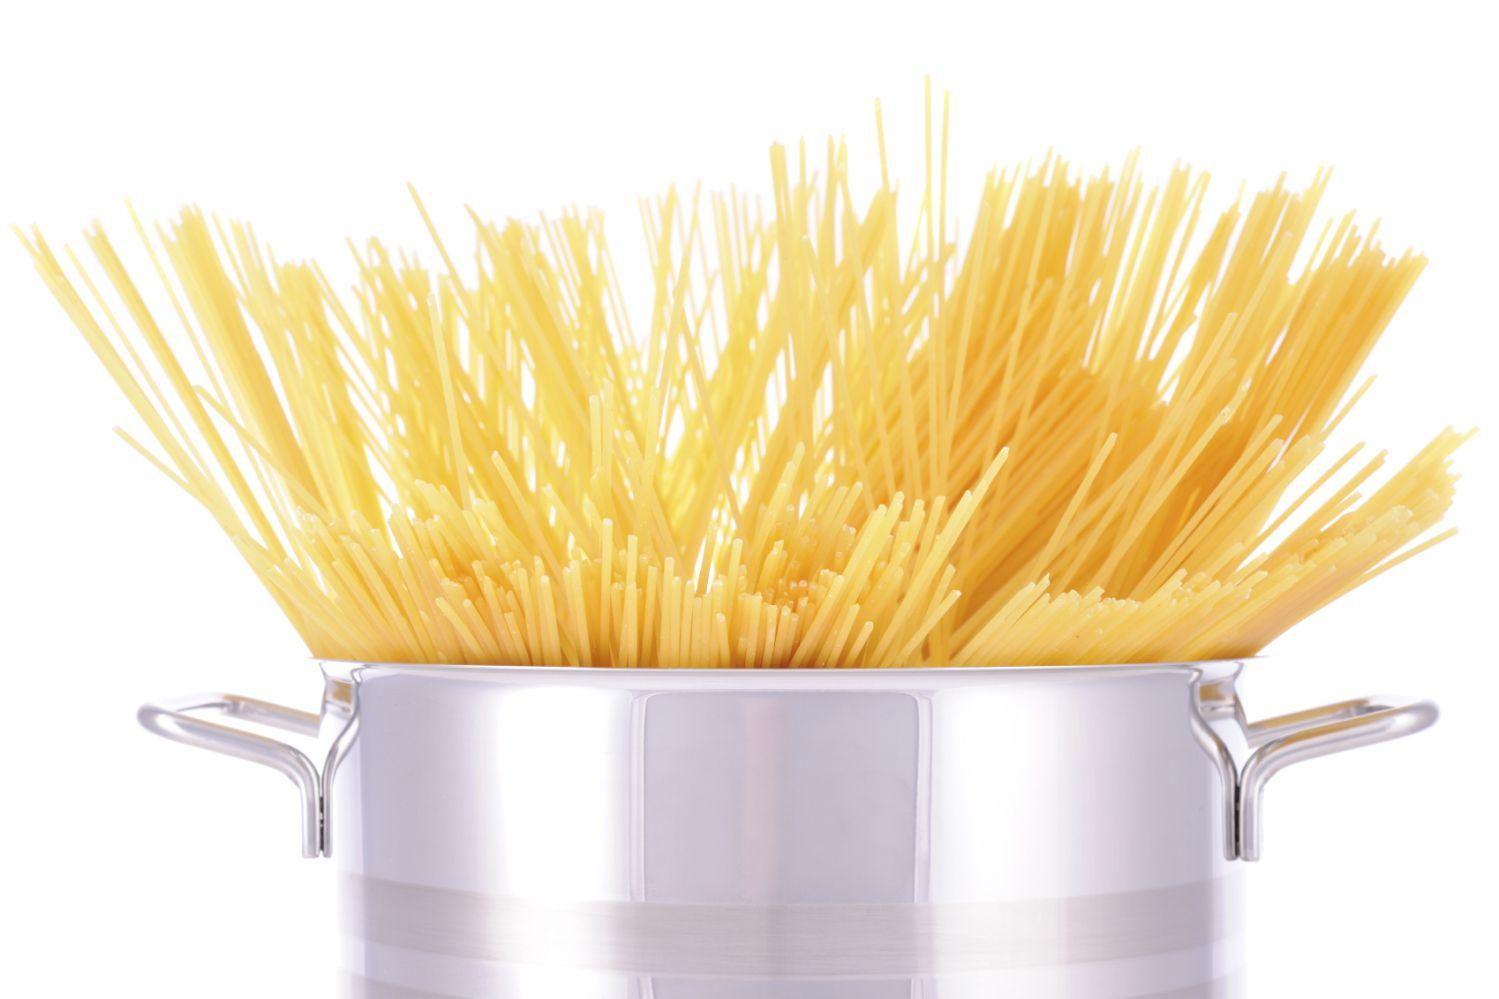 Pane ensin pasta kiehumaan ja tee sitten pikasoosi. Kuva: Istockphoto.